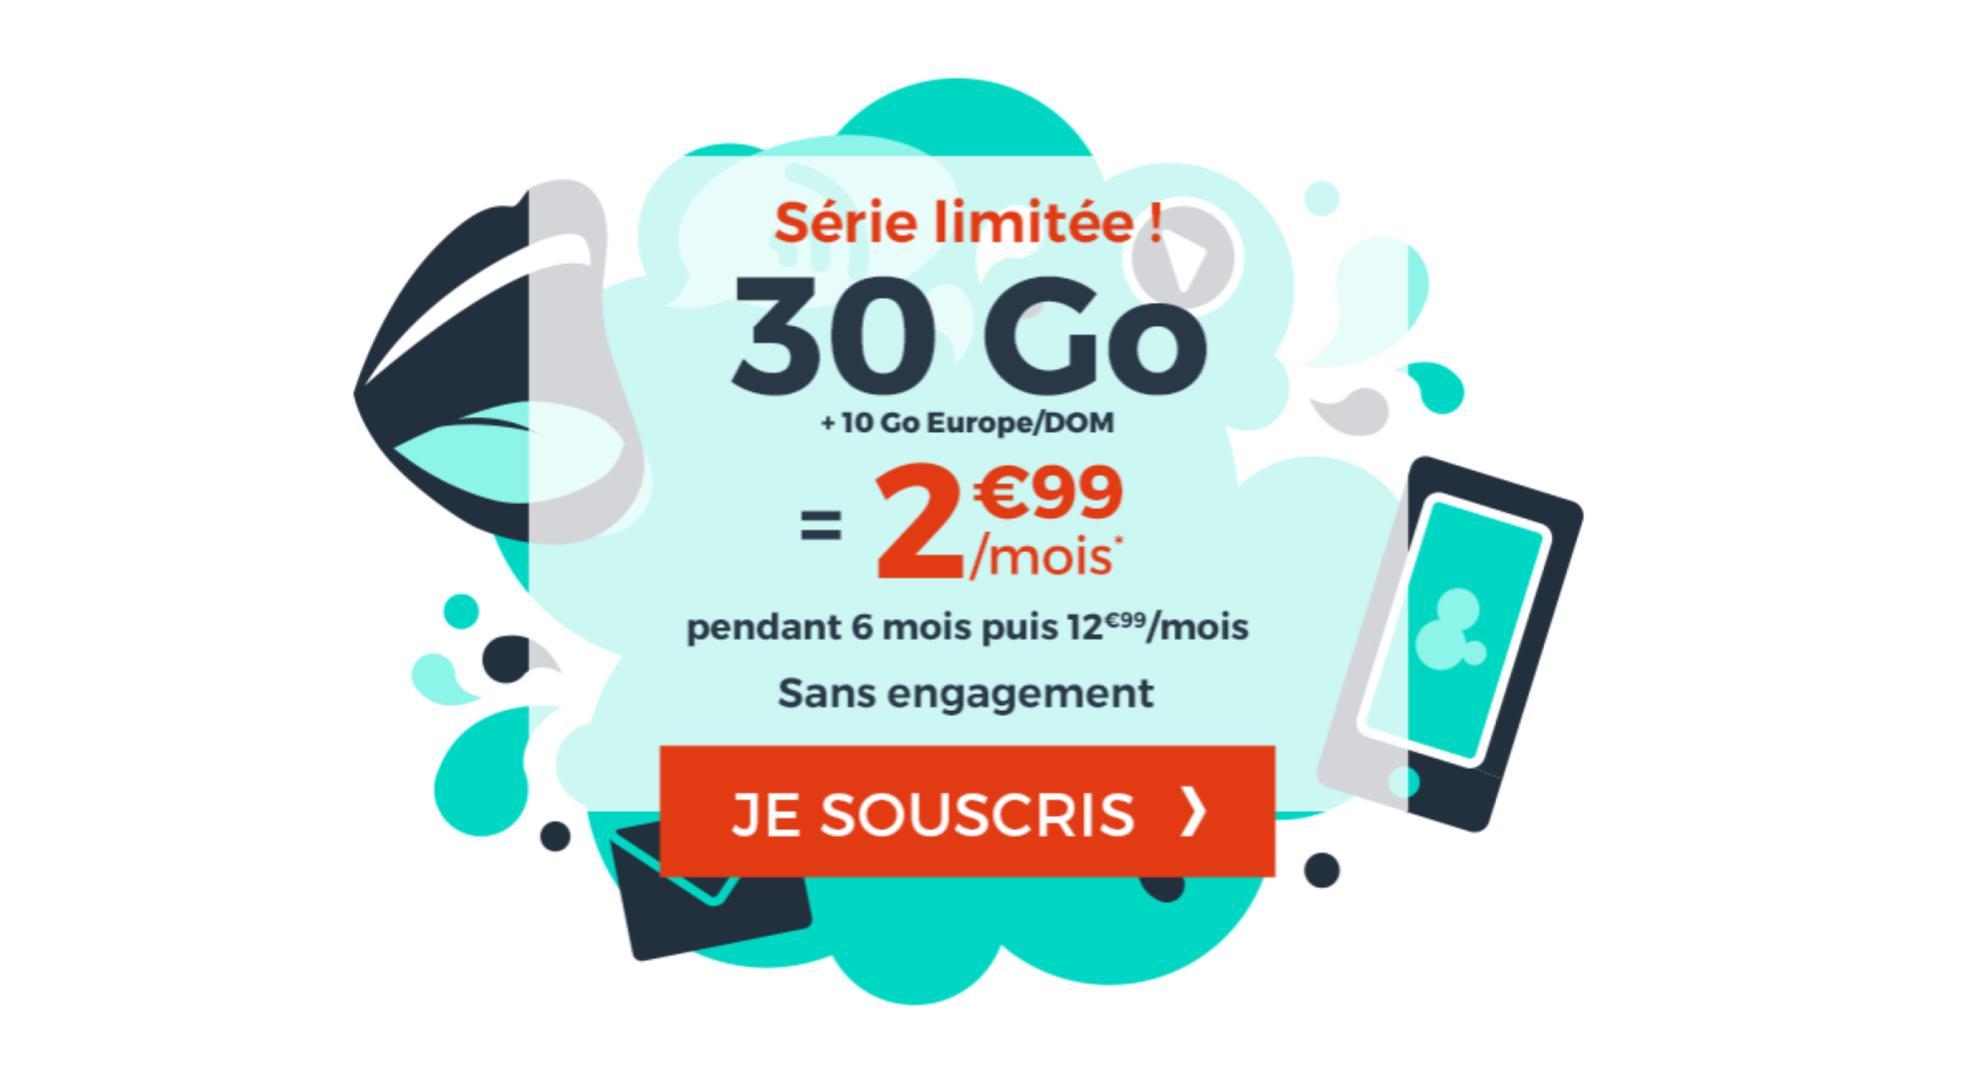 Dernier jour pour le forfait mobile à petit prix avec 30 Go en France et 10 Go en Europe